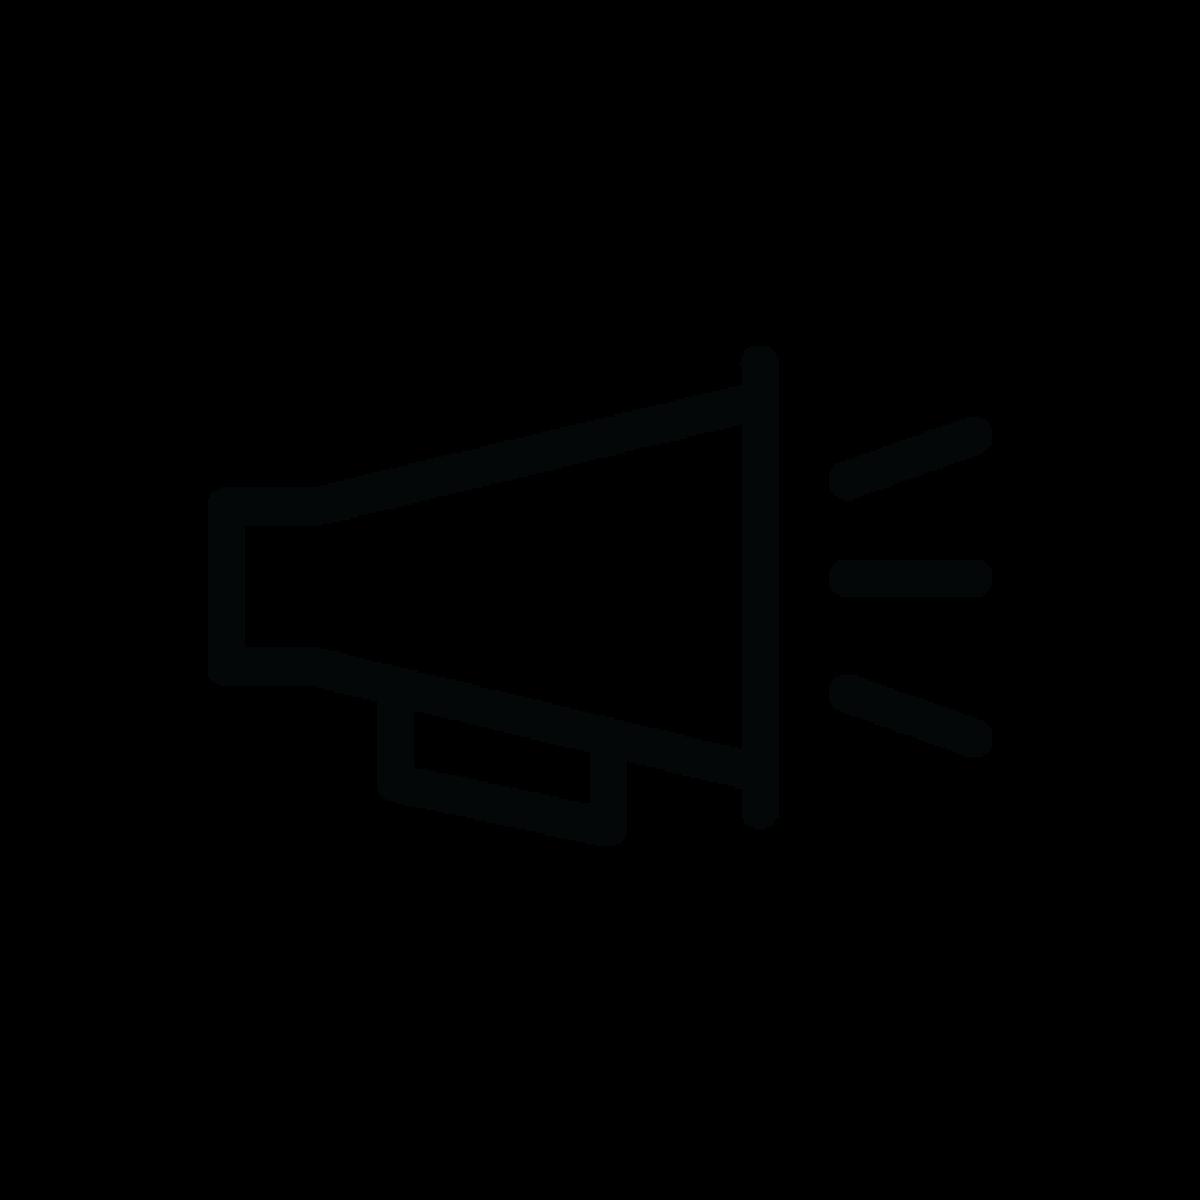 arrow-vector-4.png